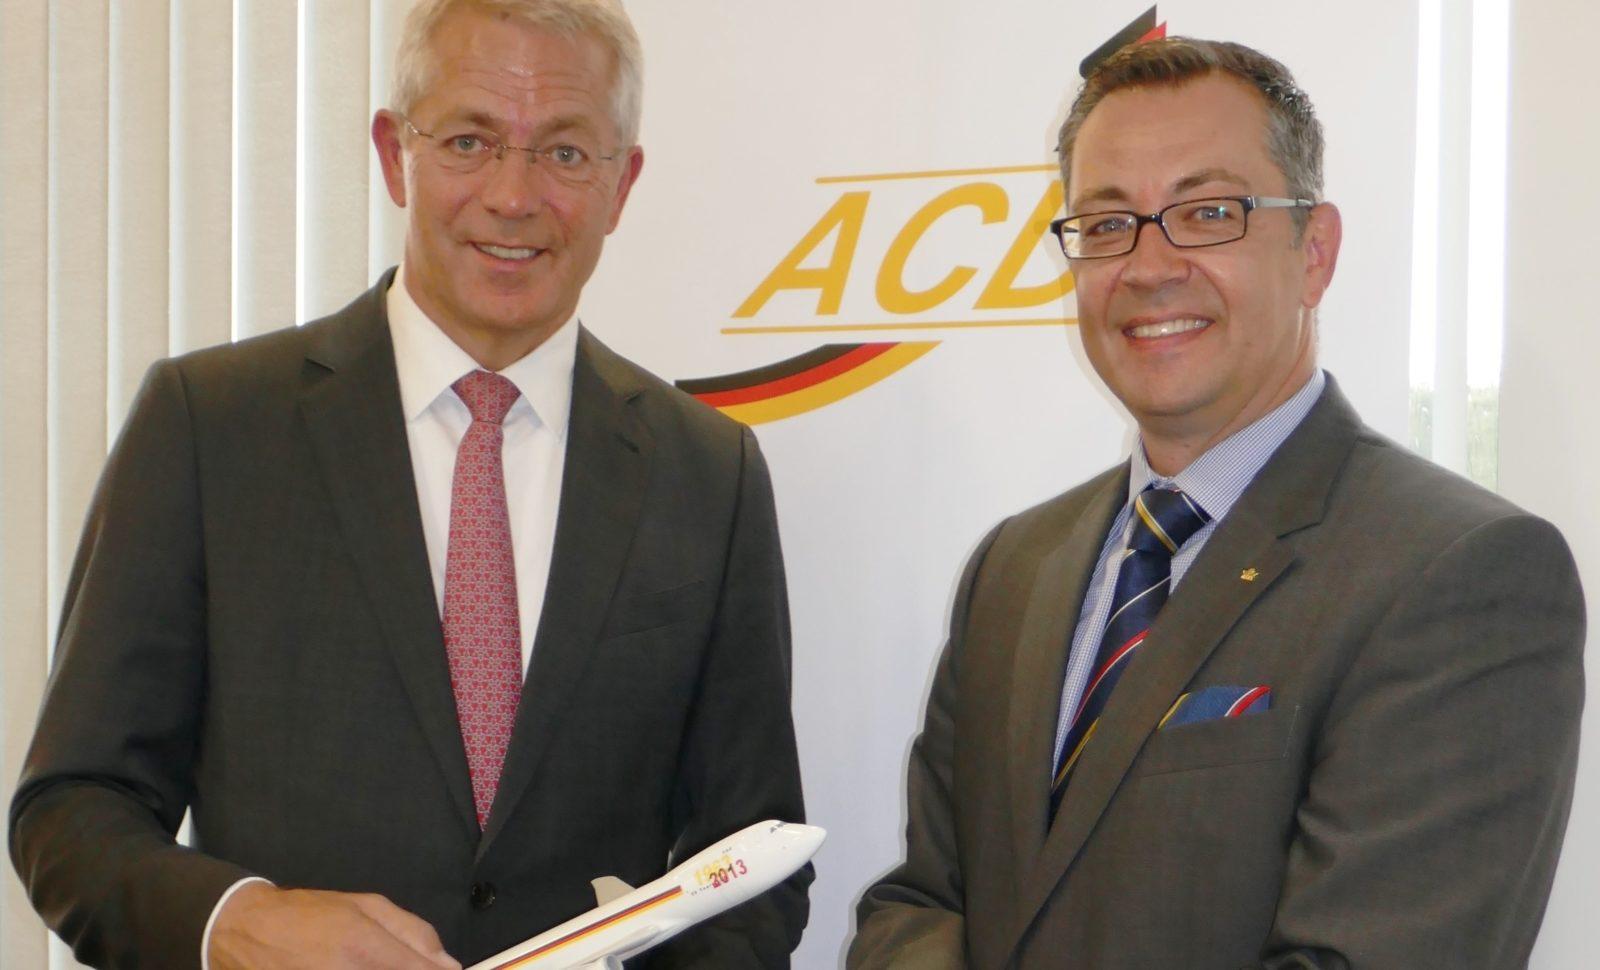 BDL-Präsident Dr. Stefan Schulte fordert: Abbau der Wettbewerbsnachteile für deutsche Luftverkehrsbranche